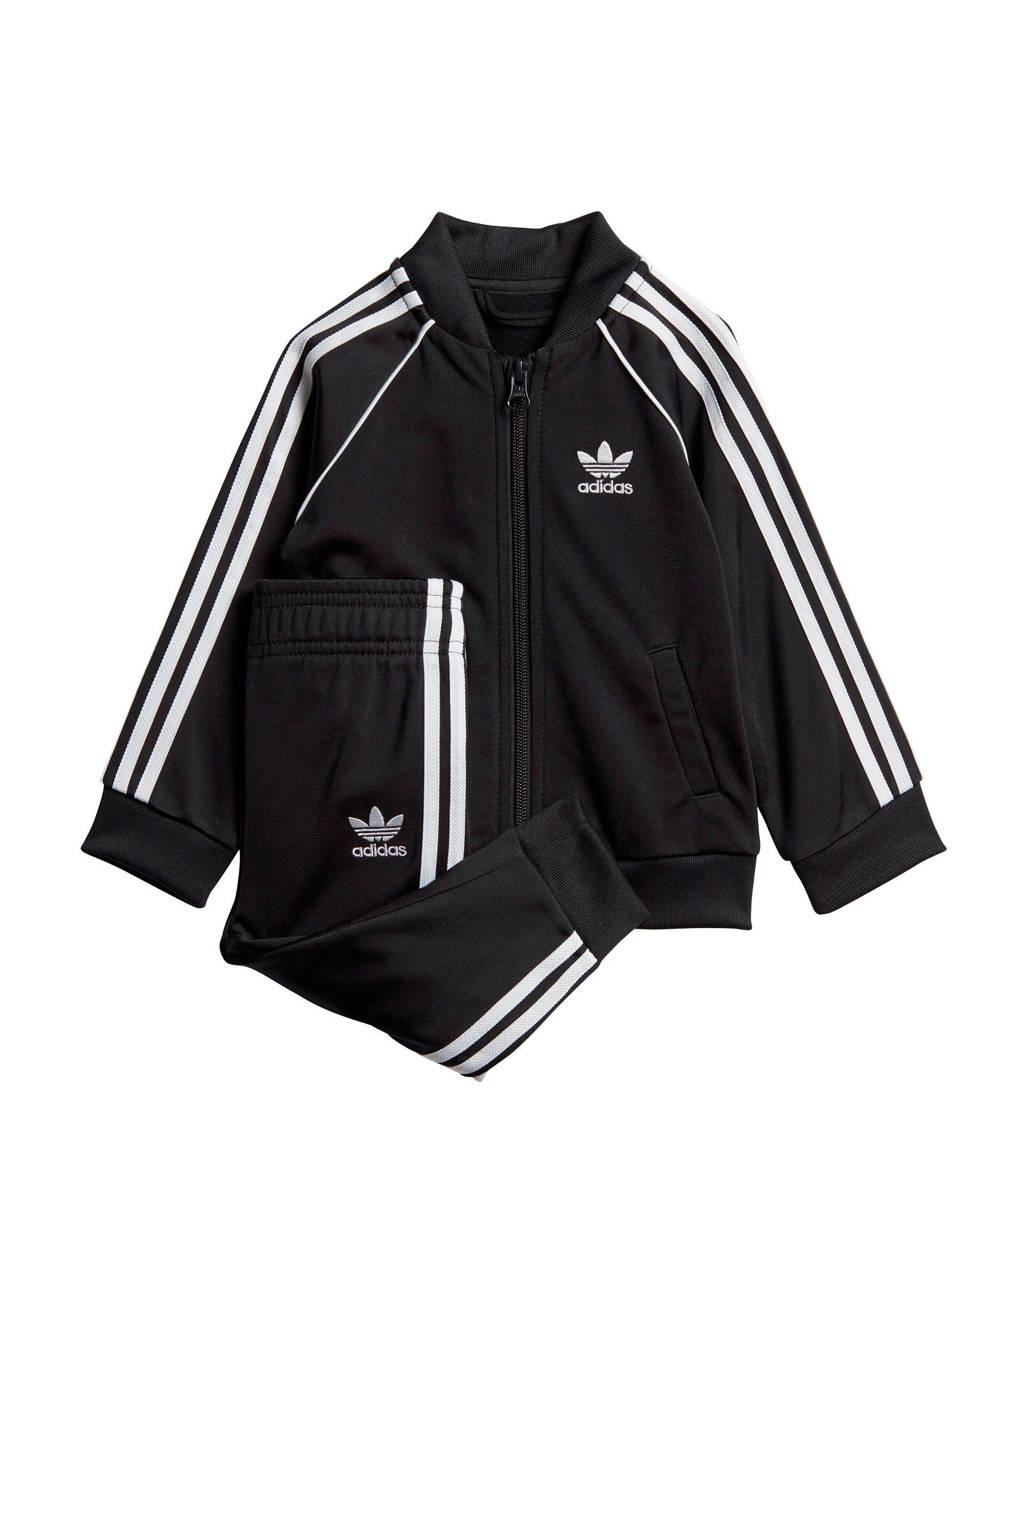 adidas Originals   trainingspak zwart/wit, Zwart/wit